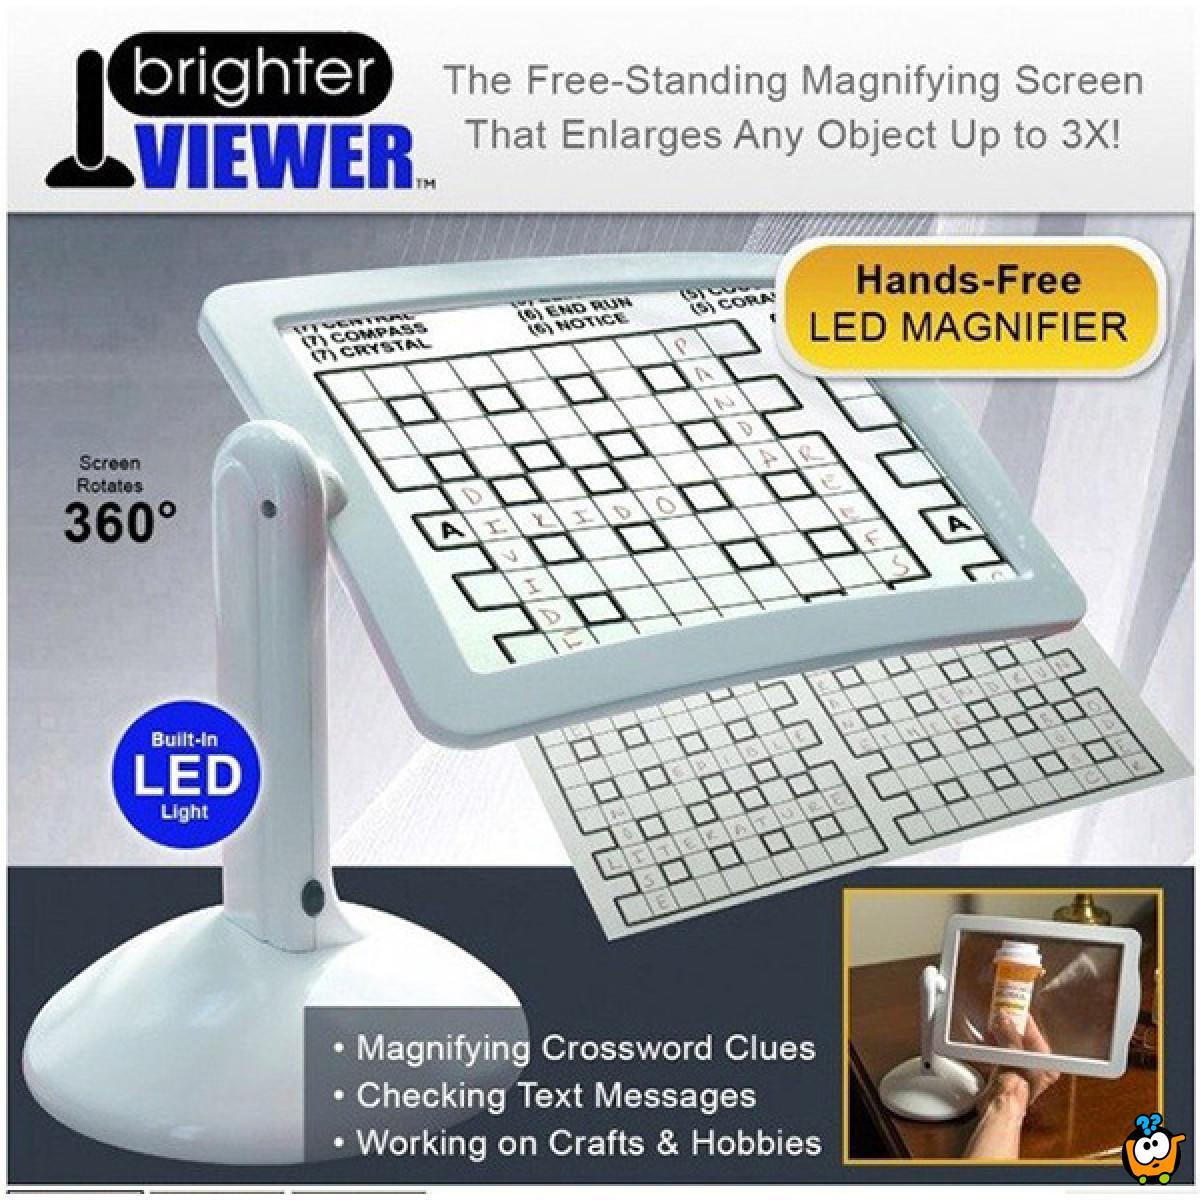 Brighter viewer - Pomoćnik za uveličavanje stvari